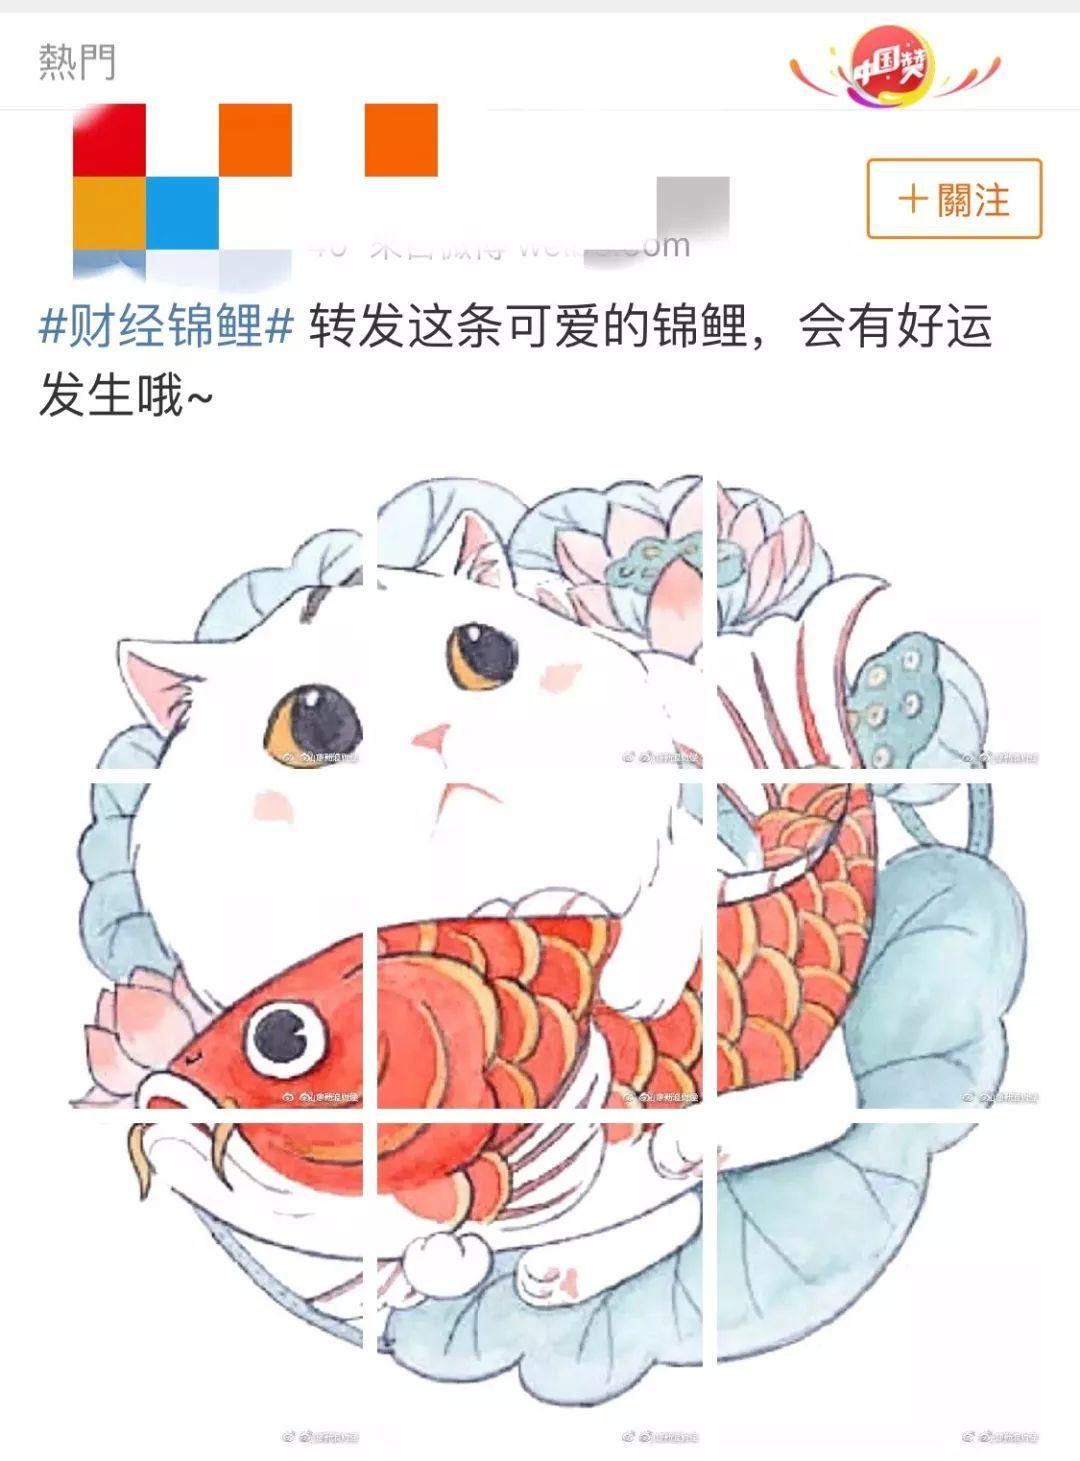 锦鲤搞笑手绘图片